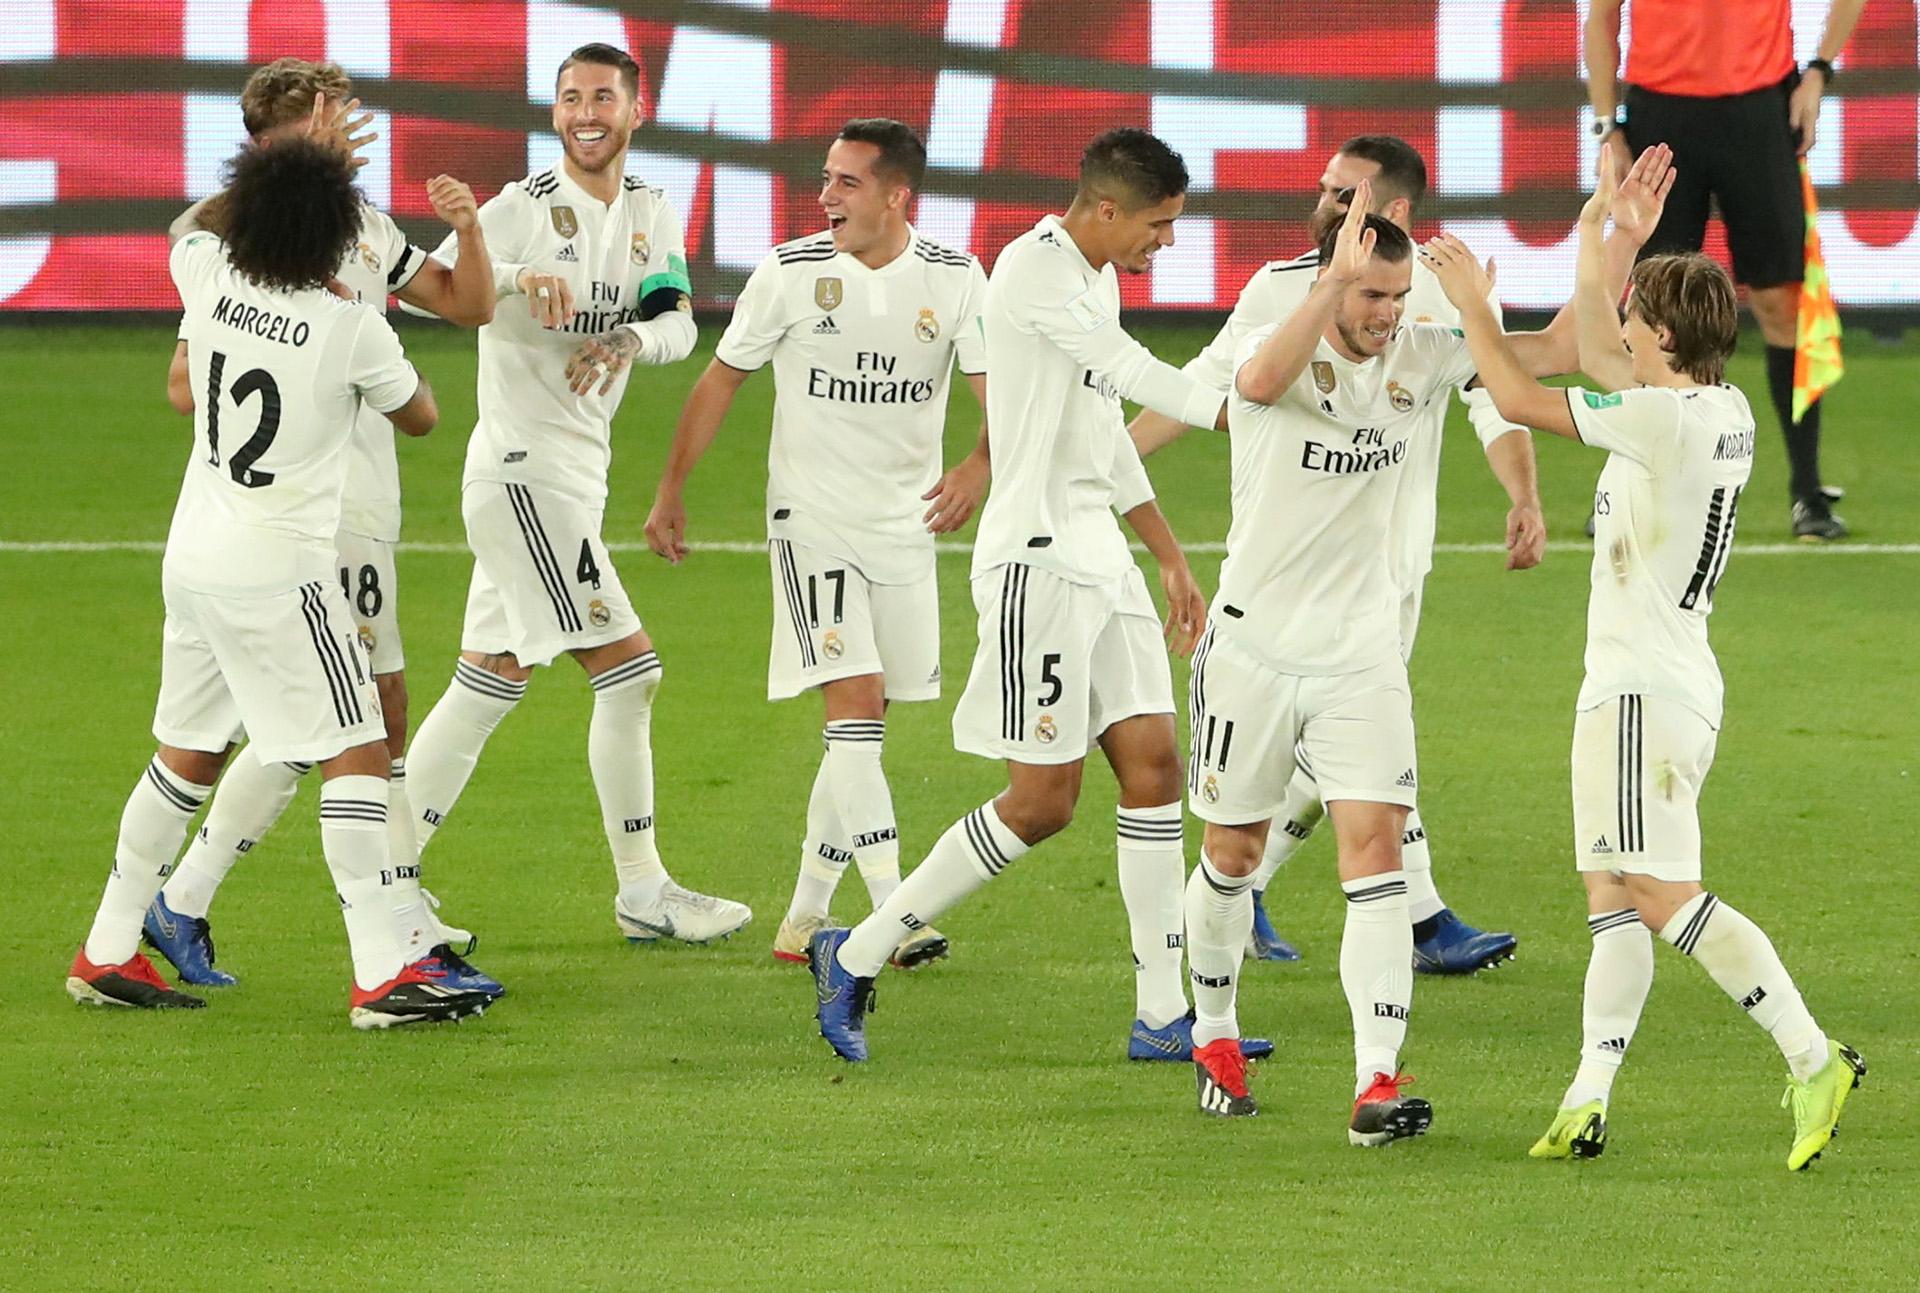 Real Madrid campeón del Mundial de Clubes 2018